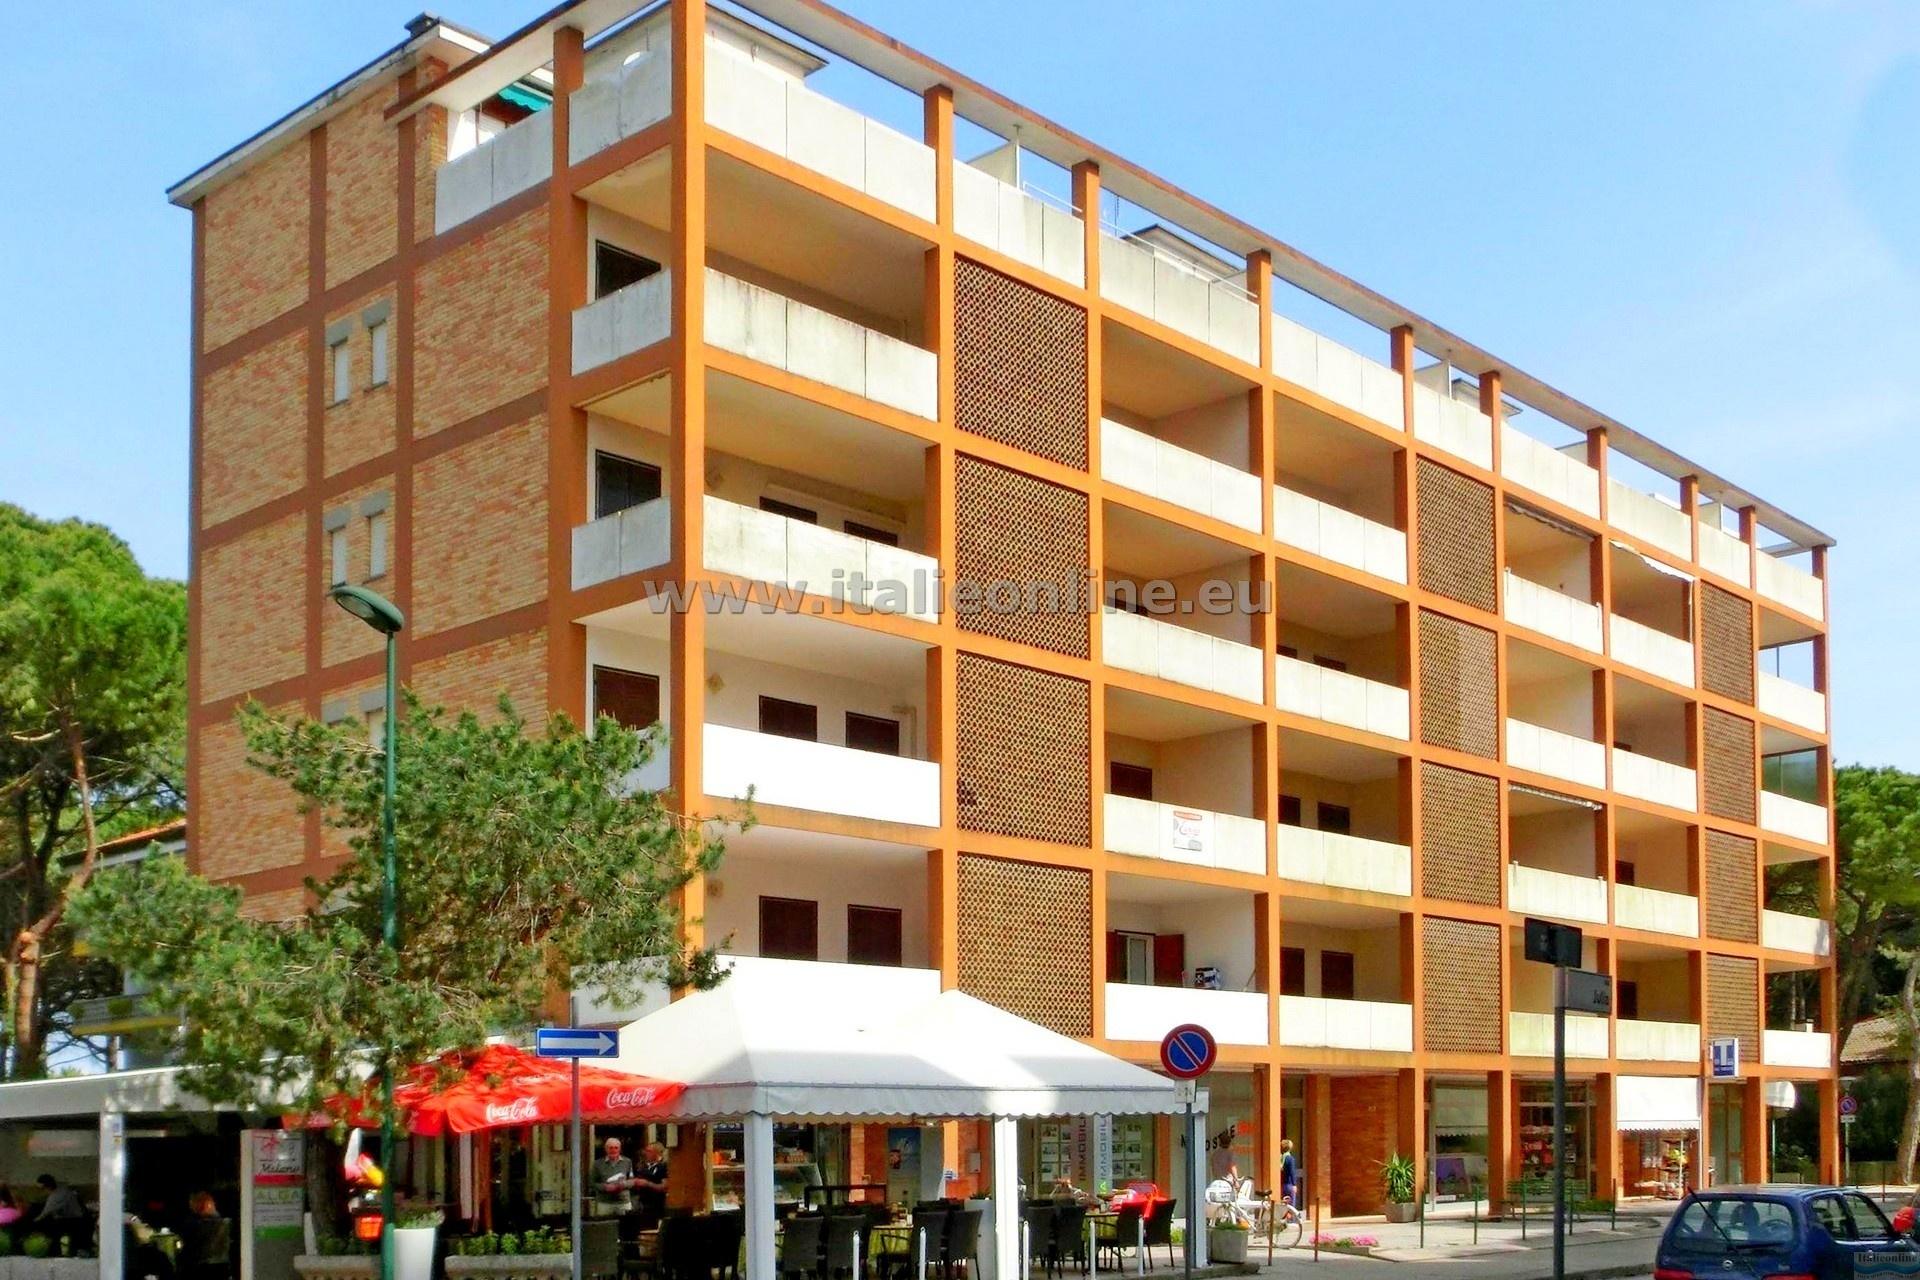 residence milano lignano sabbiadoro taliansko ck italieonline